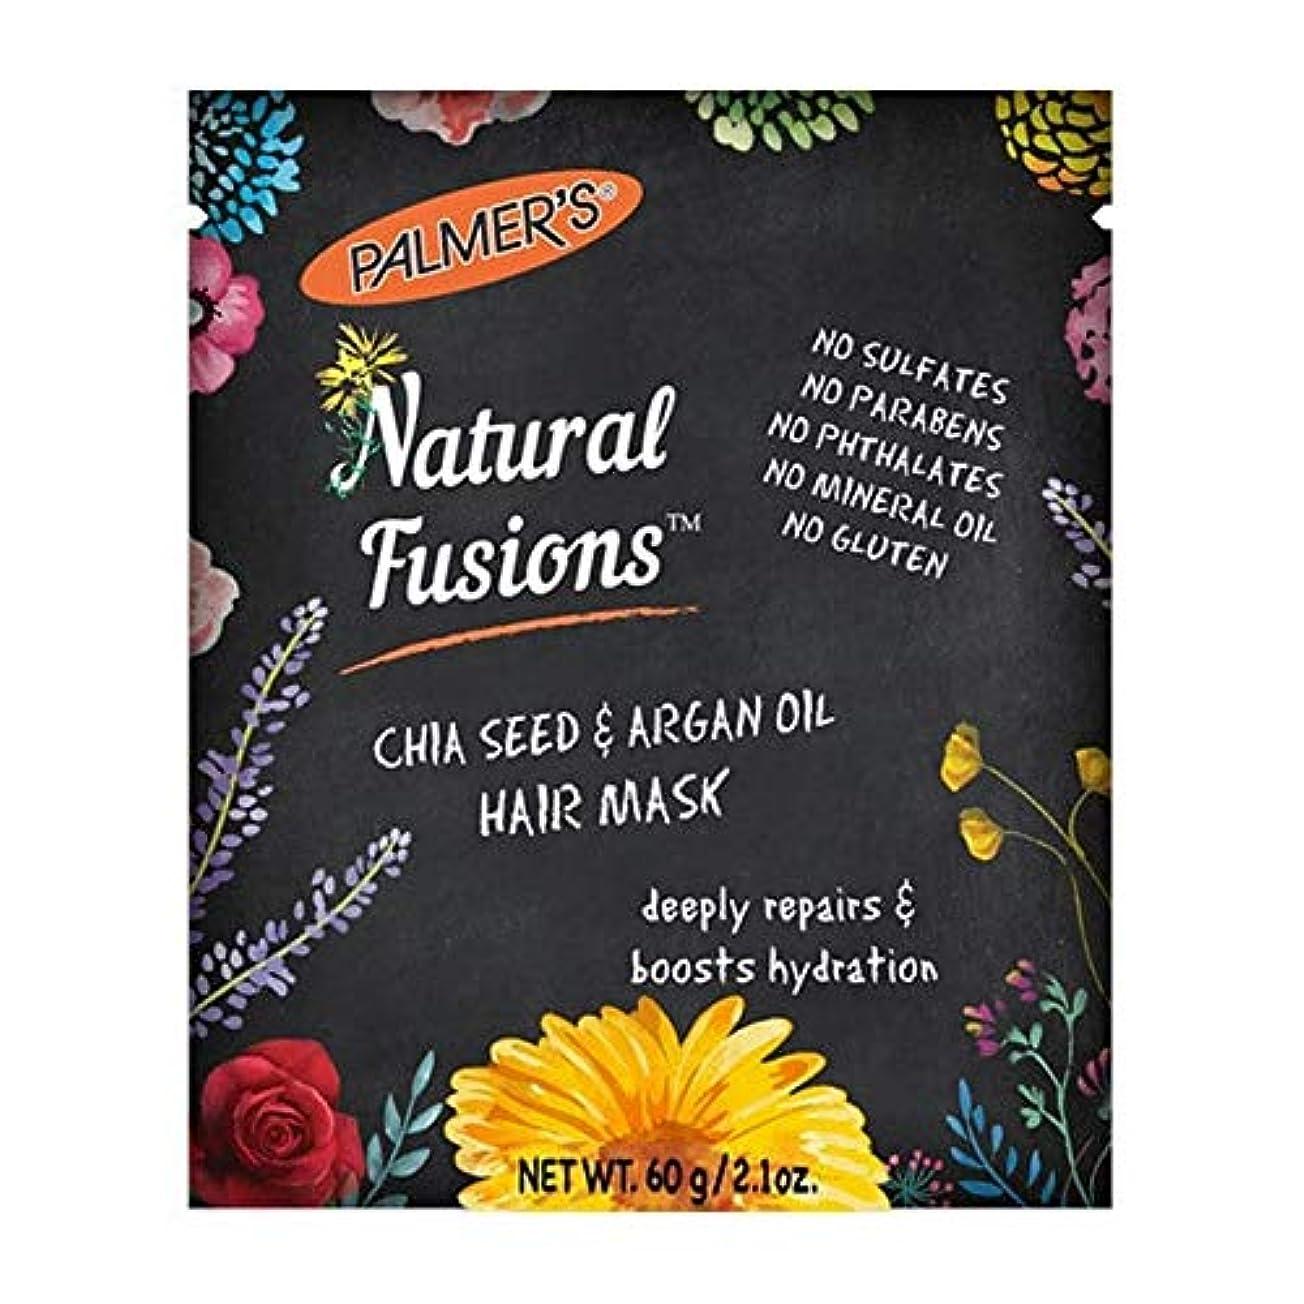 無知正午ピース[Palmer's ] パーマーの自然な融合チアシード&アルガンオイルヘアマスク60グラム - Palmer's Natural Fusions Chia Seed & Argan Oil Hair Mask 60g [...